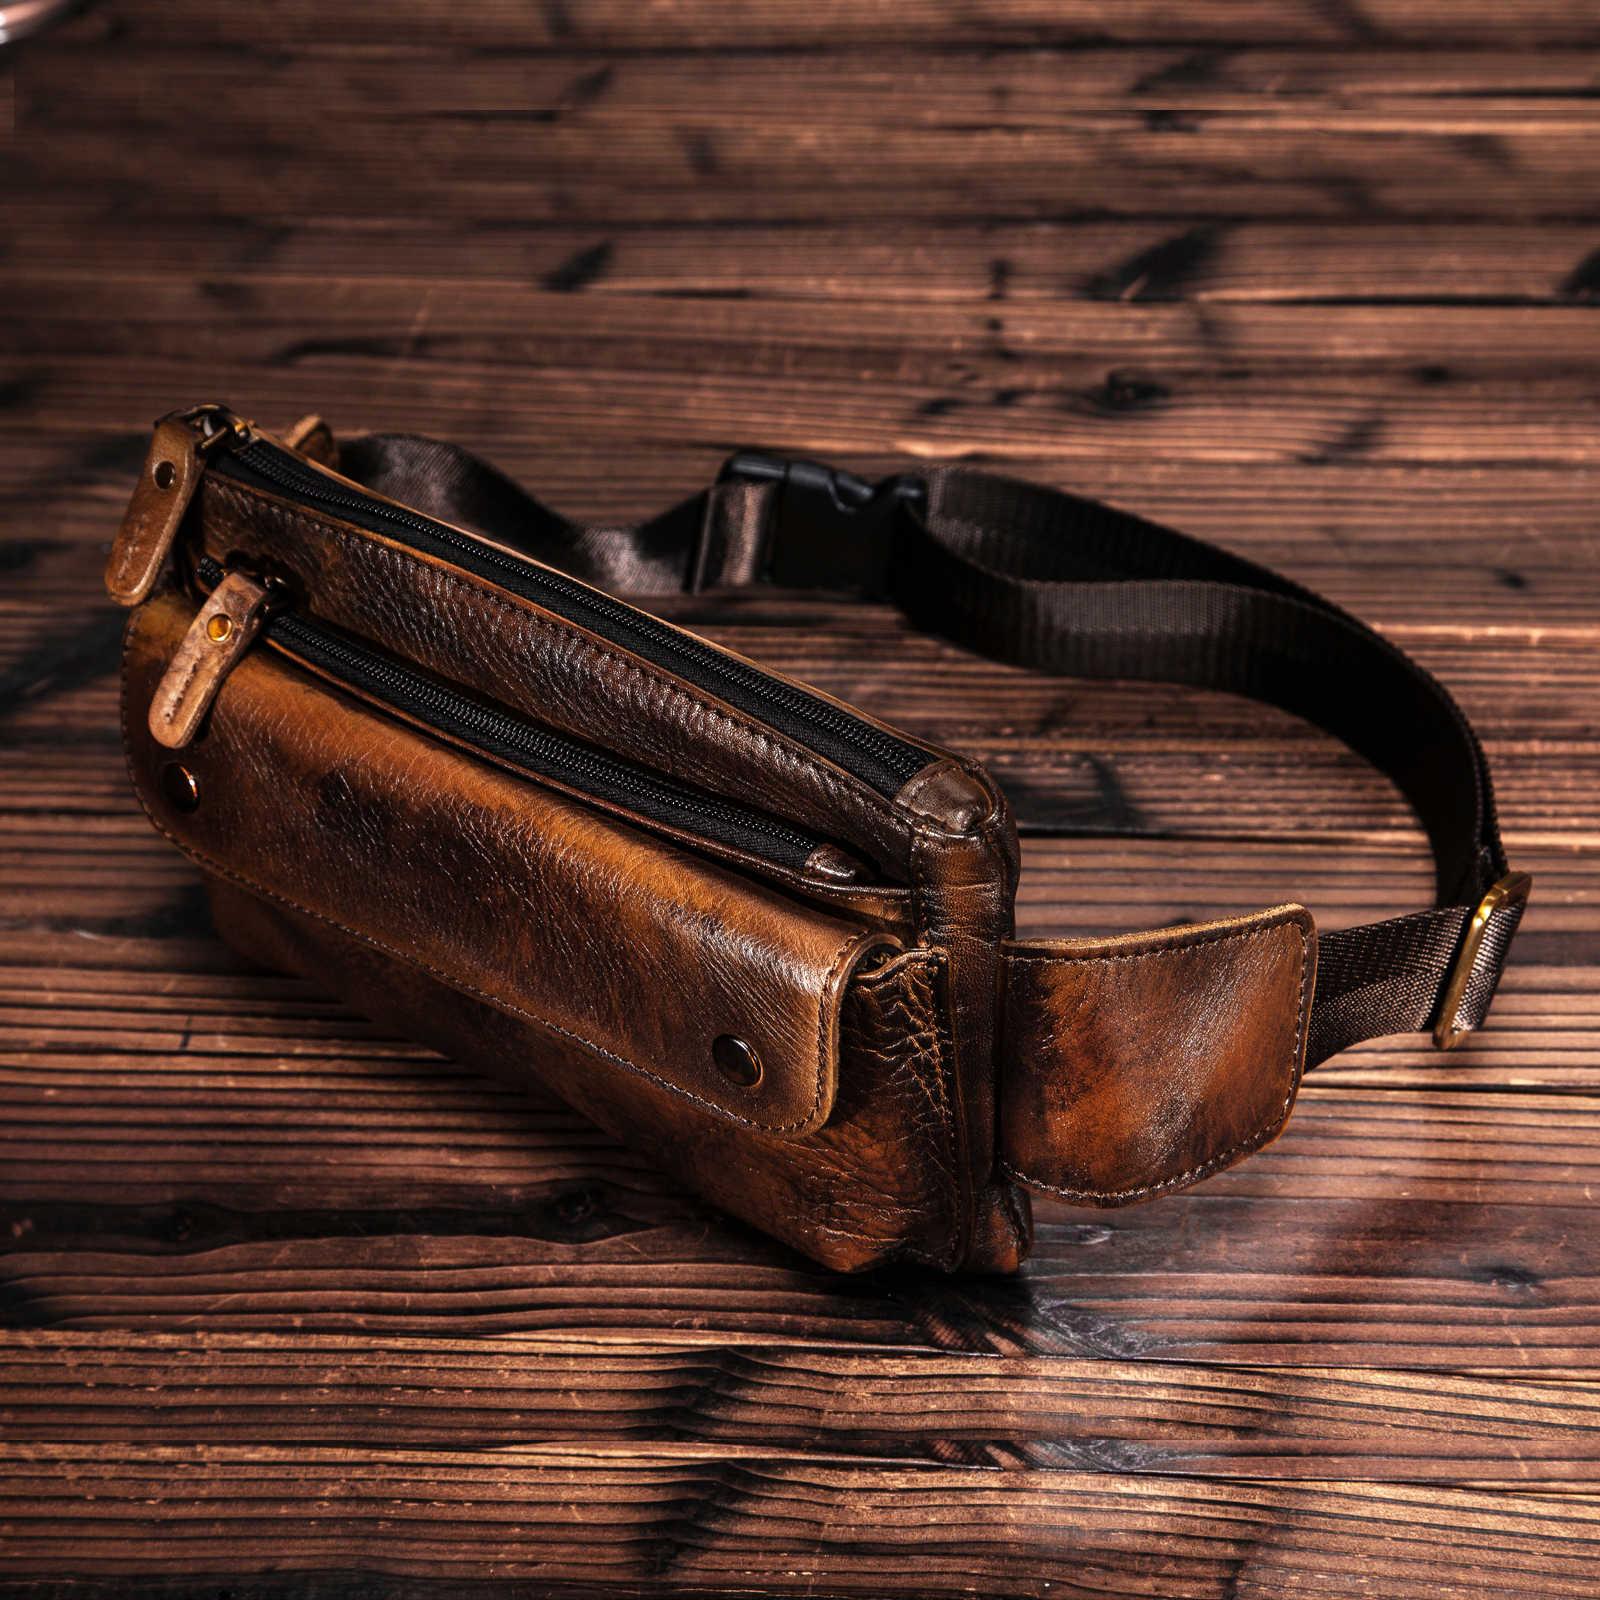 Sac à ceinture en cuir de vache pour hommes, sac à ceinture banane de poitrine, Design sac à bandoulière, 7 pouces, décontracté pochette, 8136-G, tendance coque de téléphone